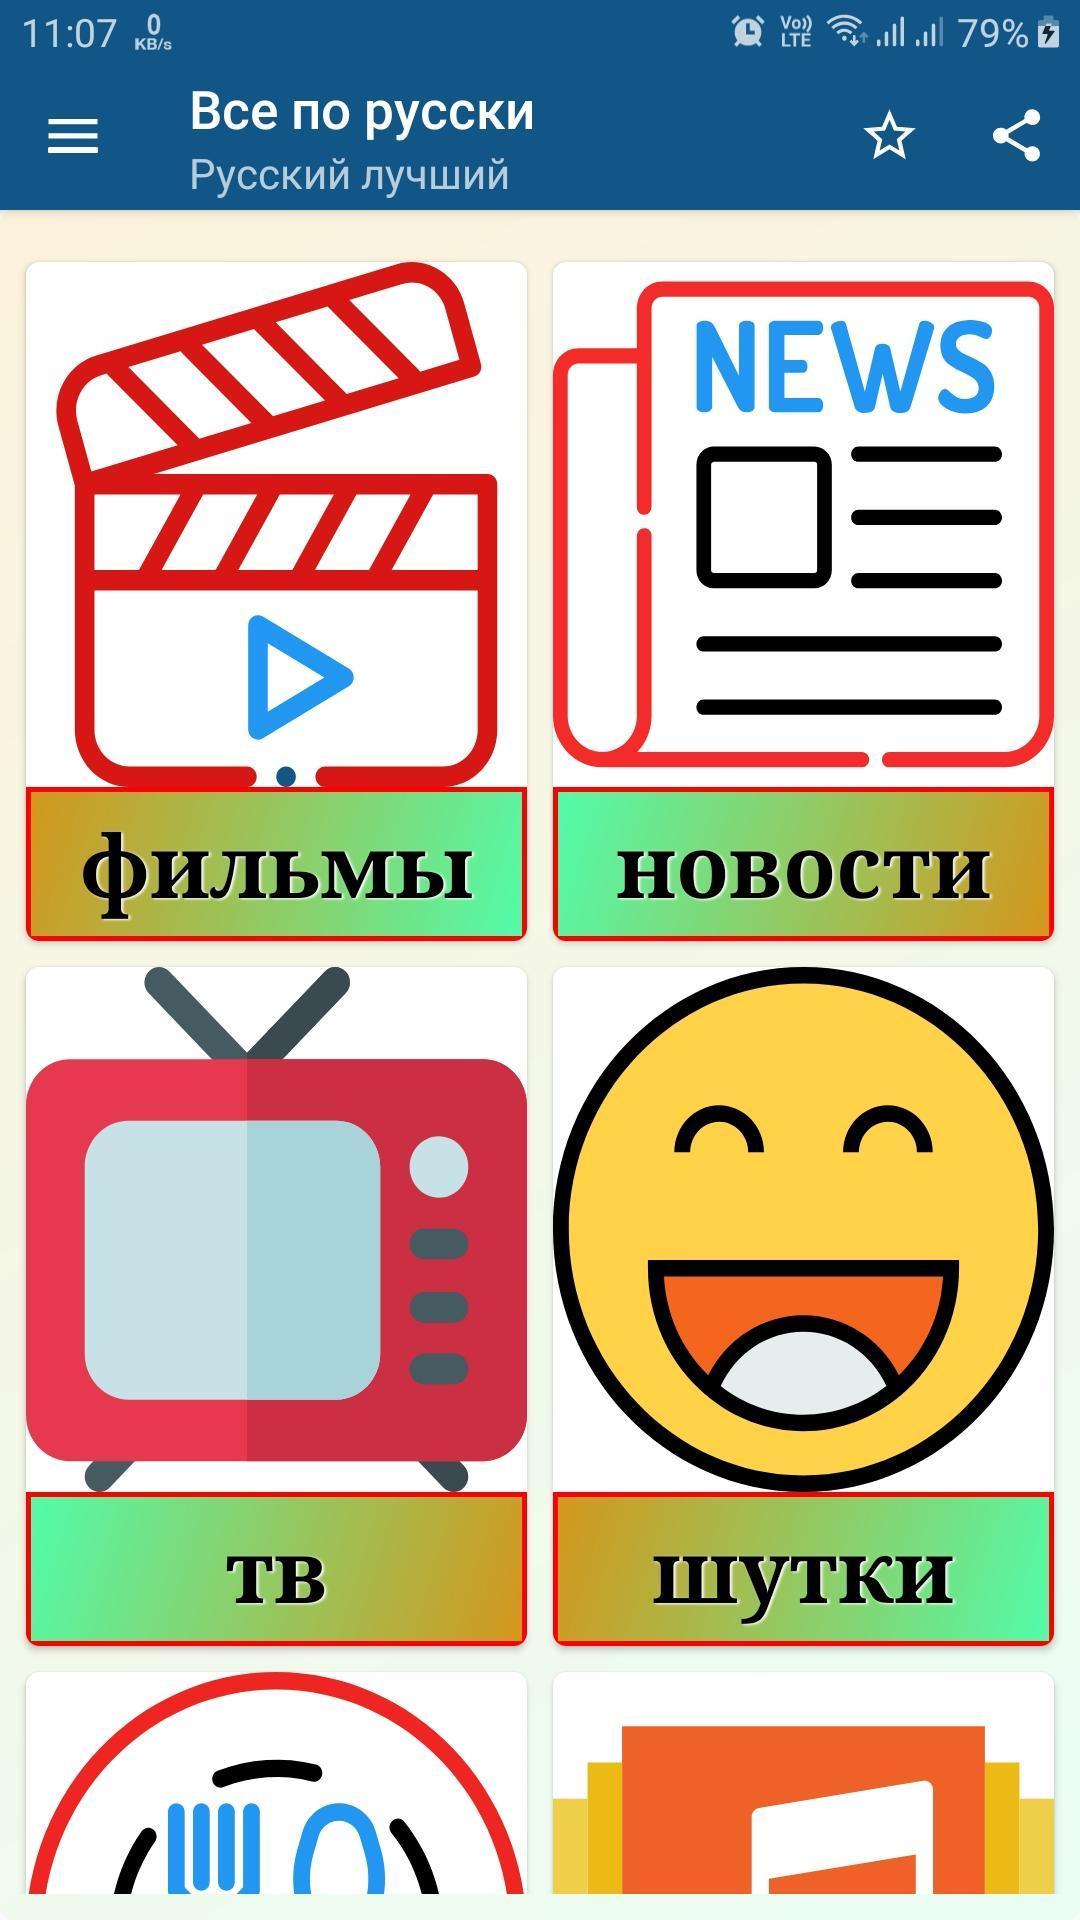 Фильмы Онлайн Бесплатно Анекдот